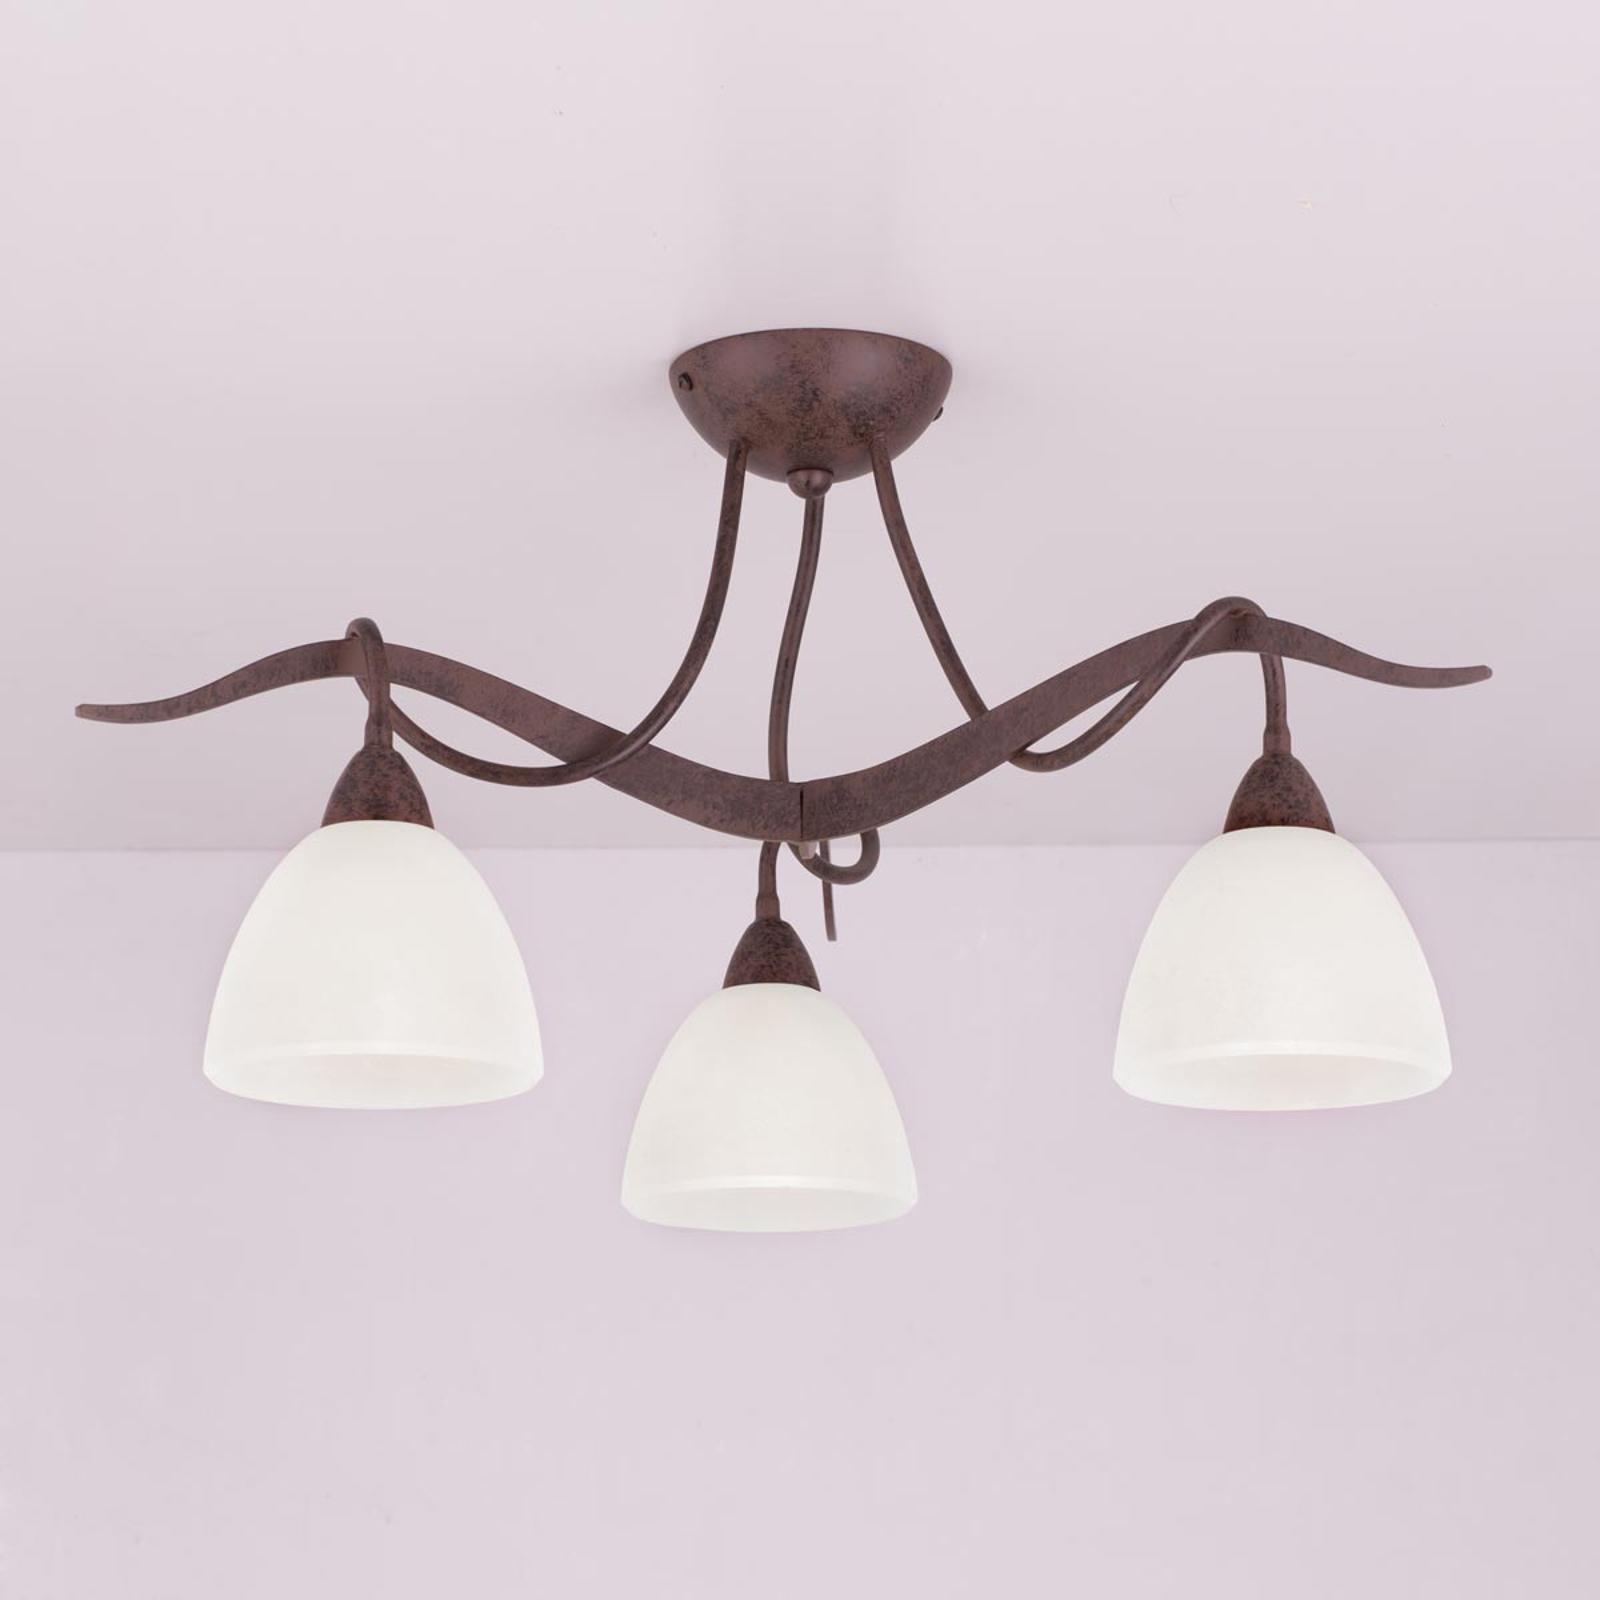 Kattovalaisin Samuele 3-lampp., scavo